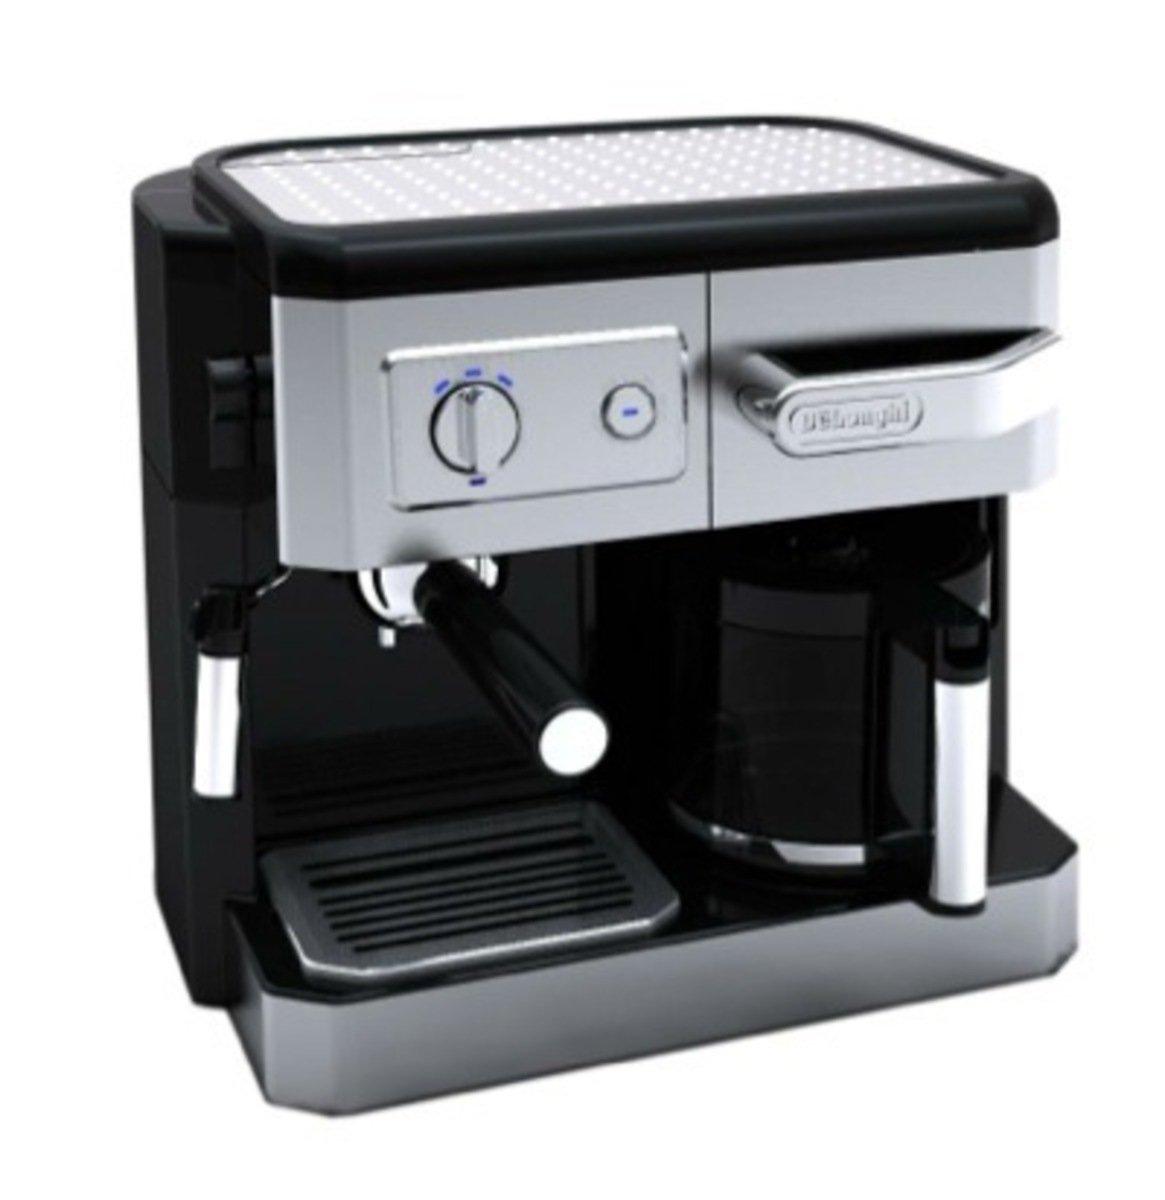 Delonghi Combi 二合一意式咖啡機